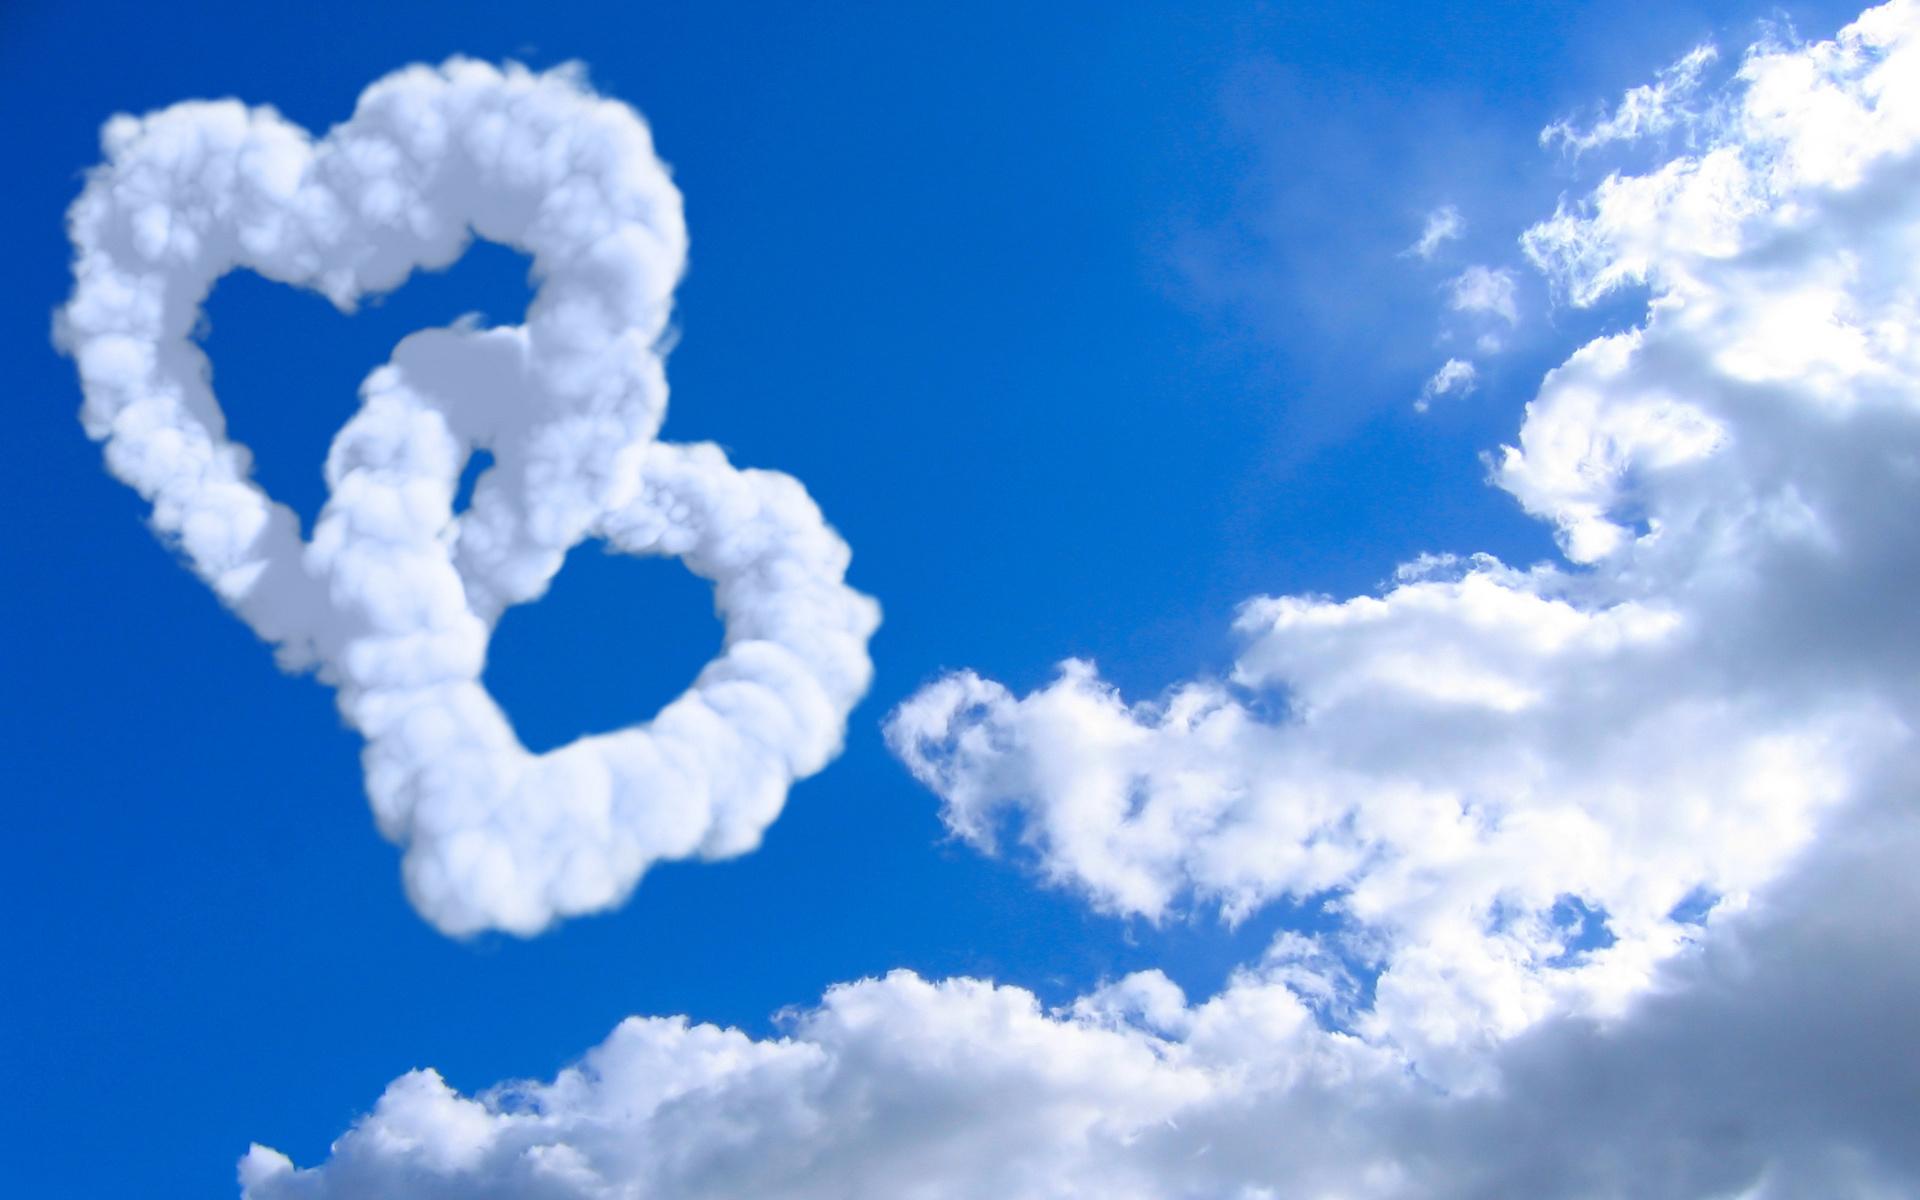 Картинки гифки, фон для открытки облака